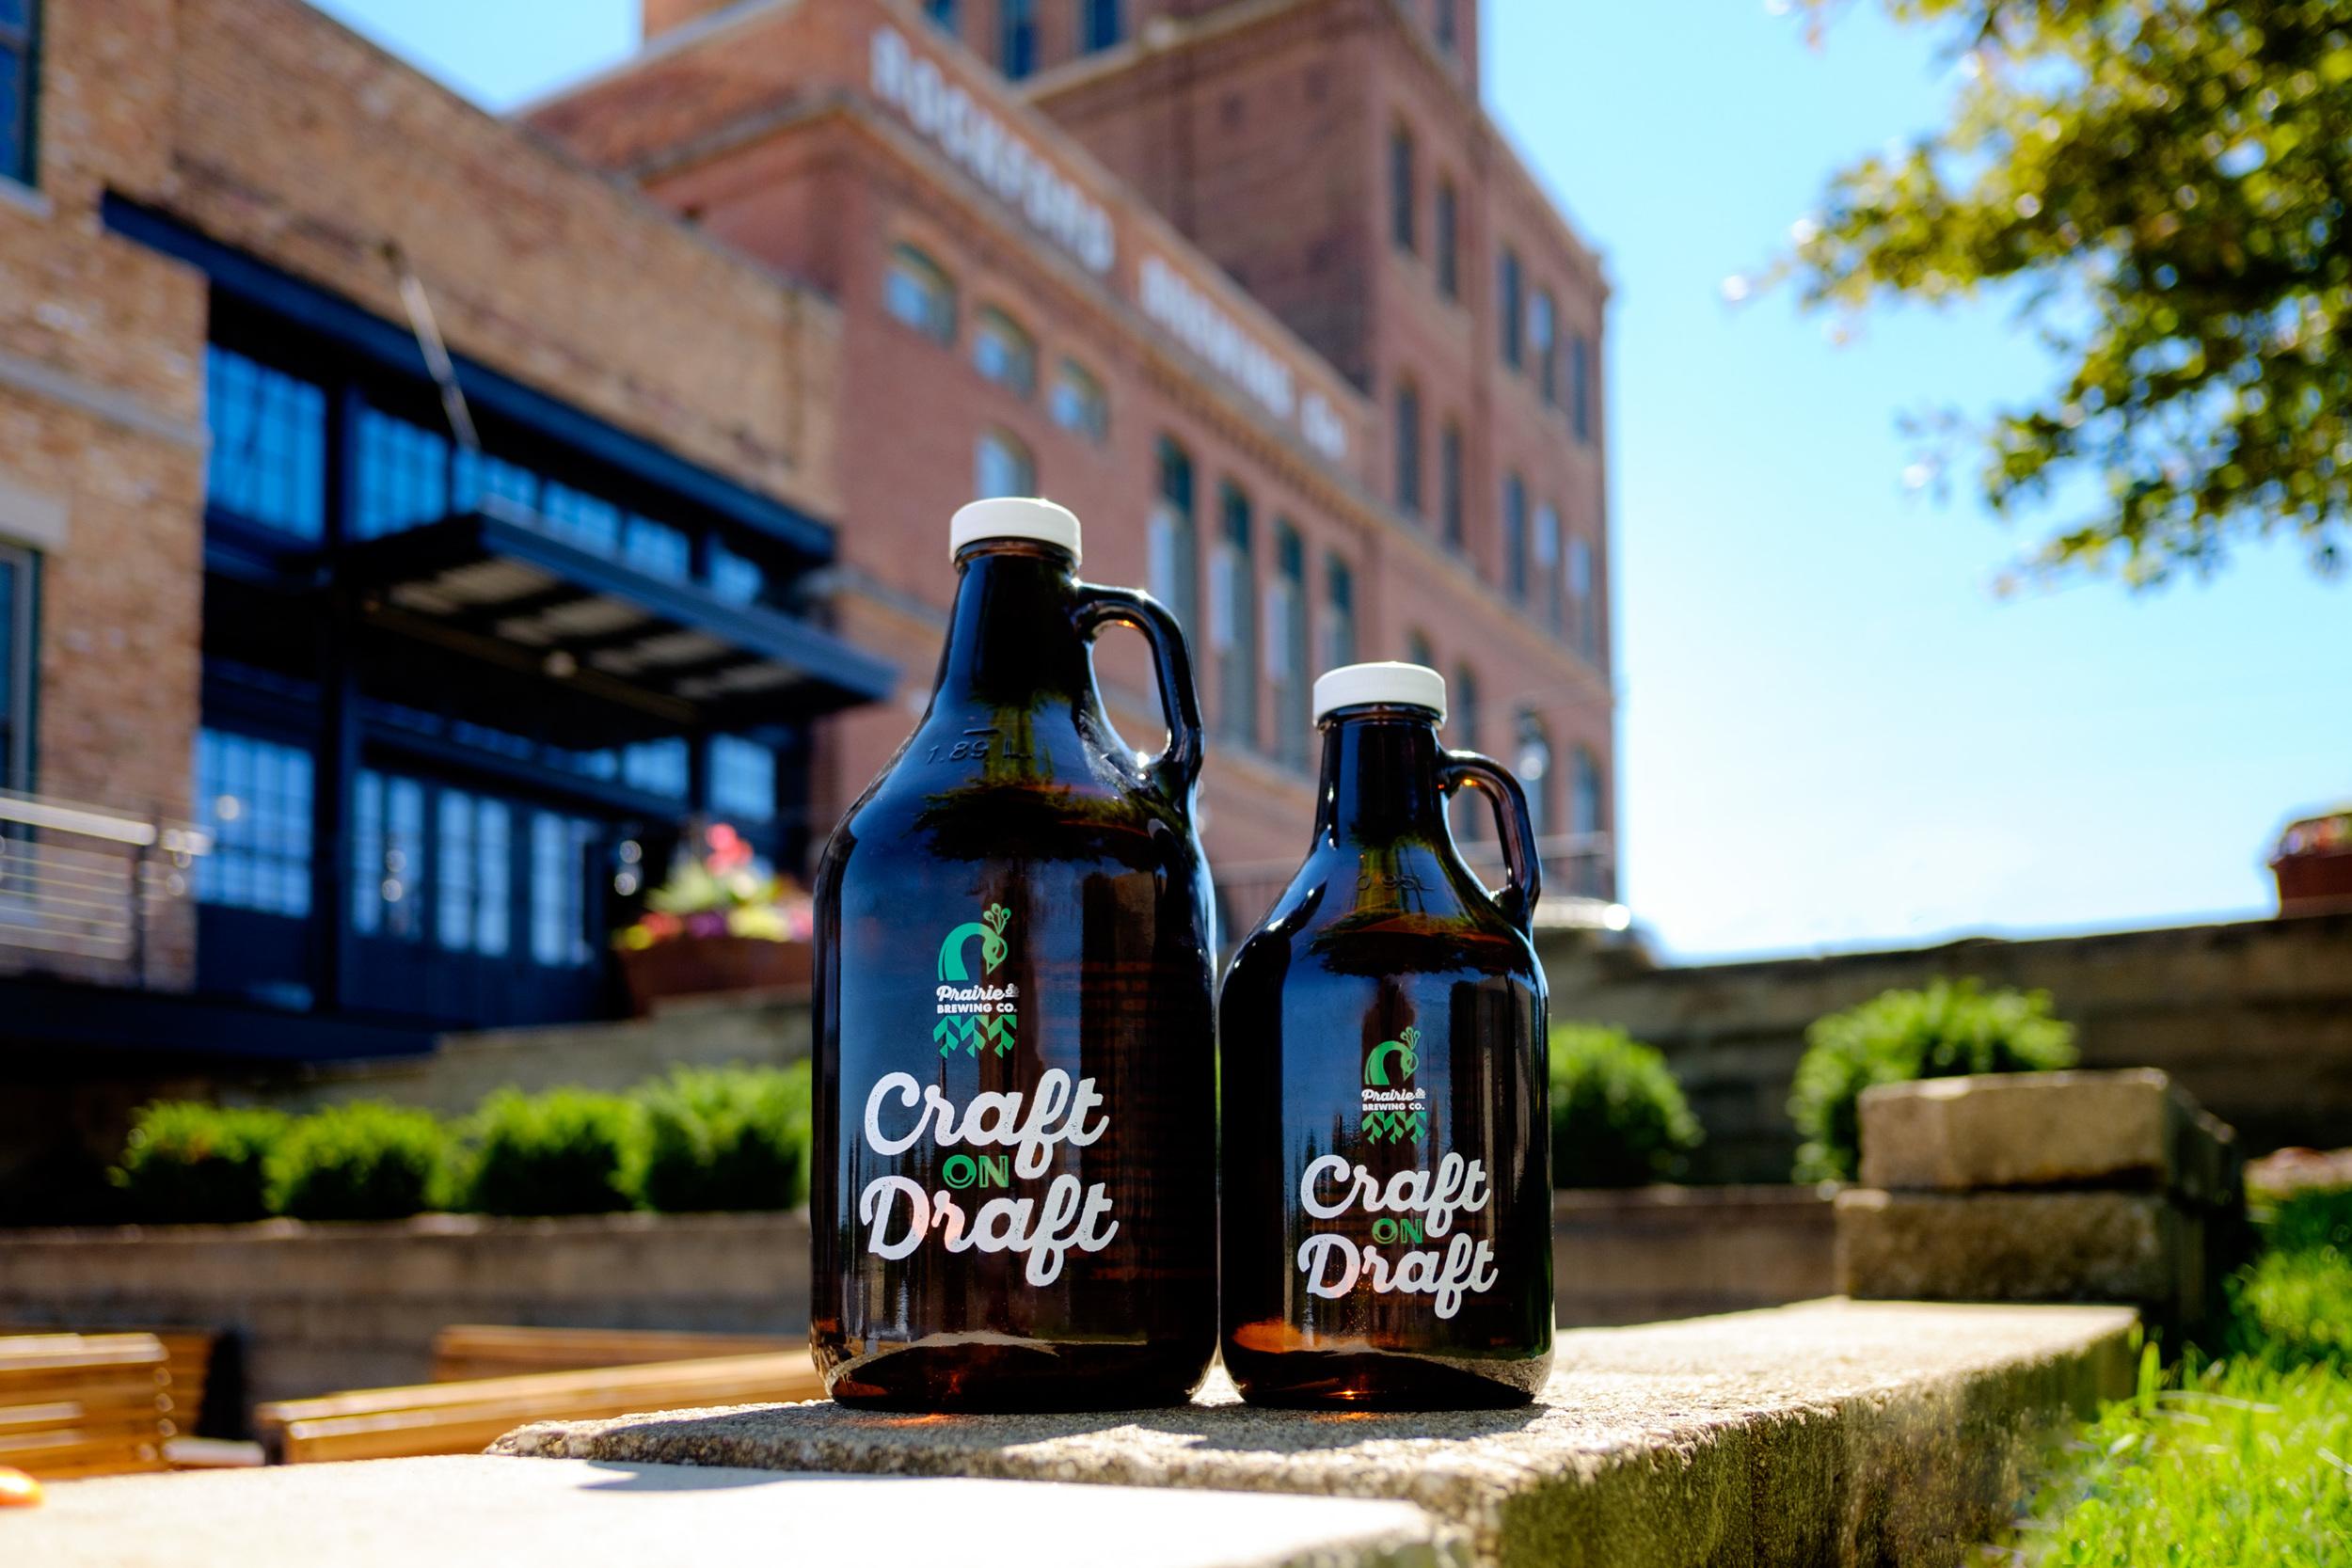 Beer & Branding: Prairie Street Brewing Co.